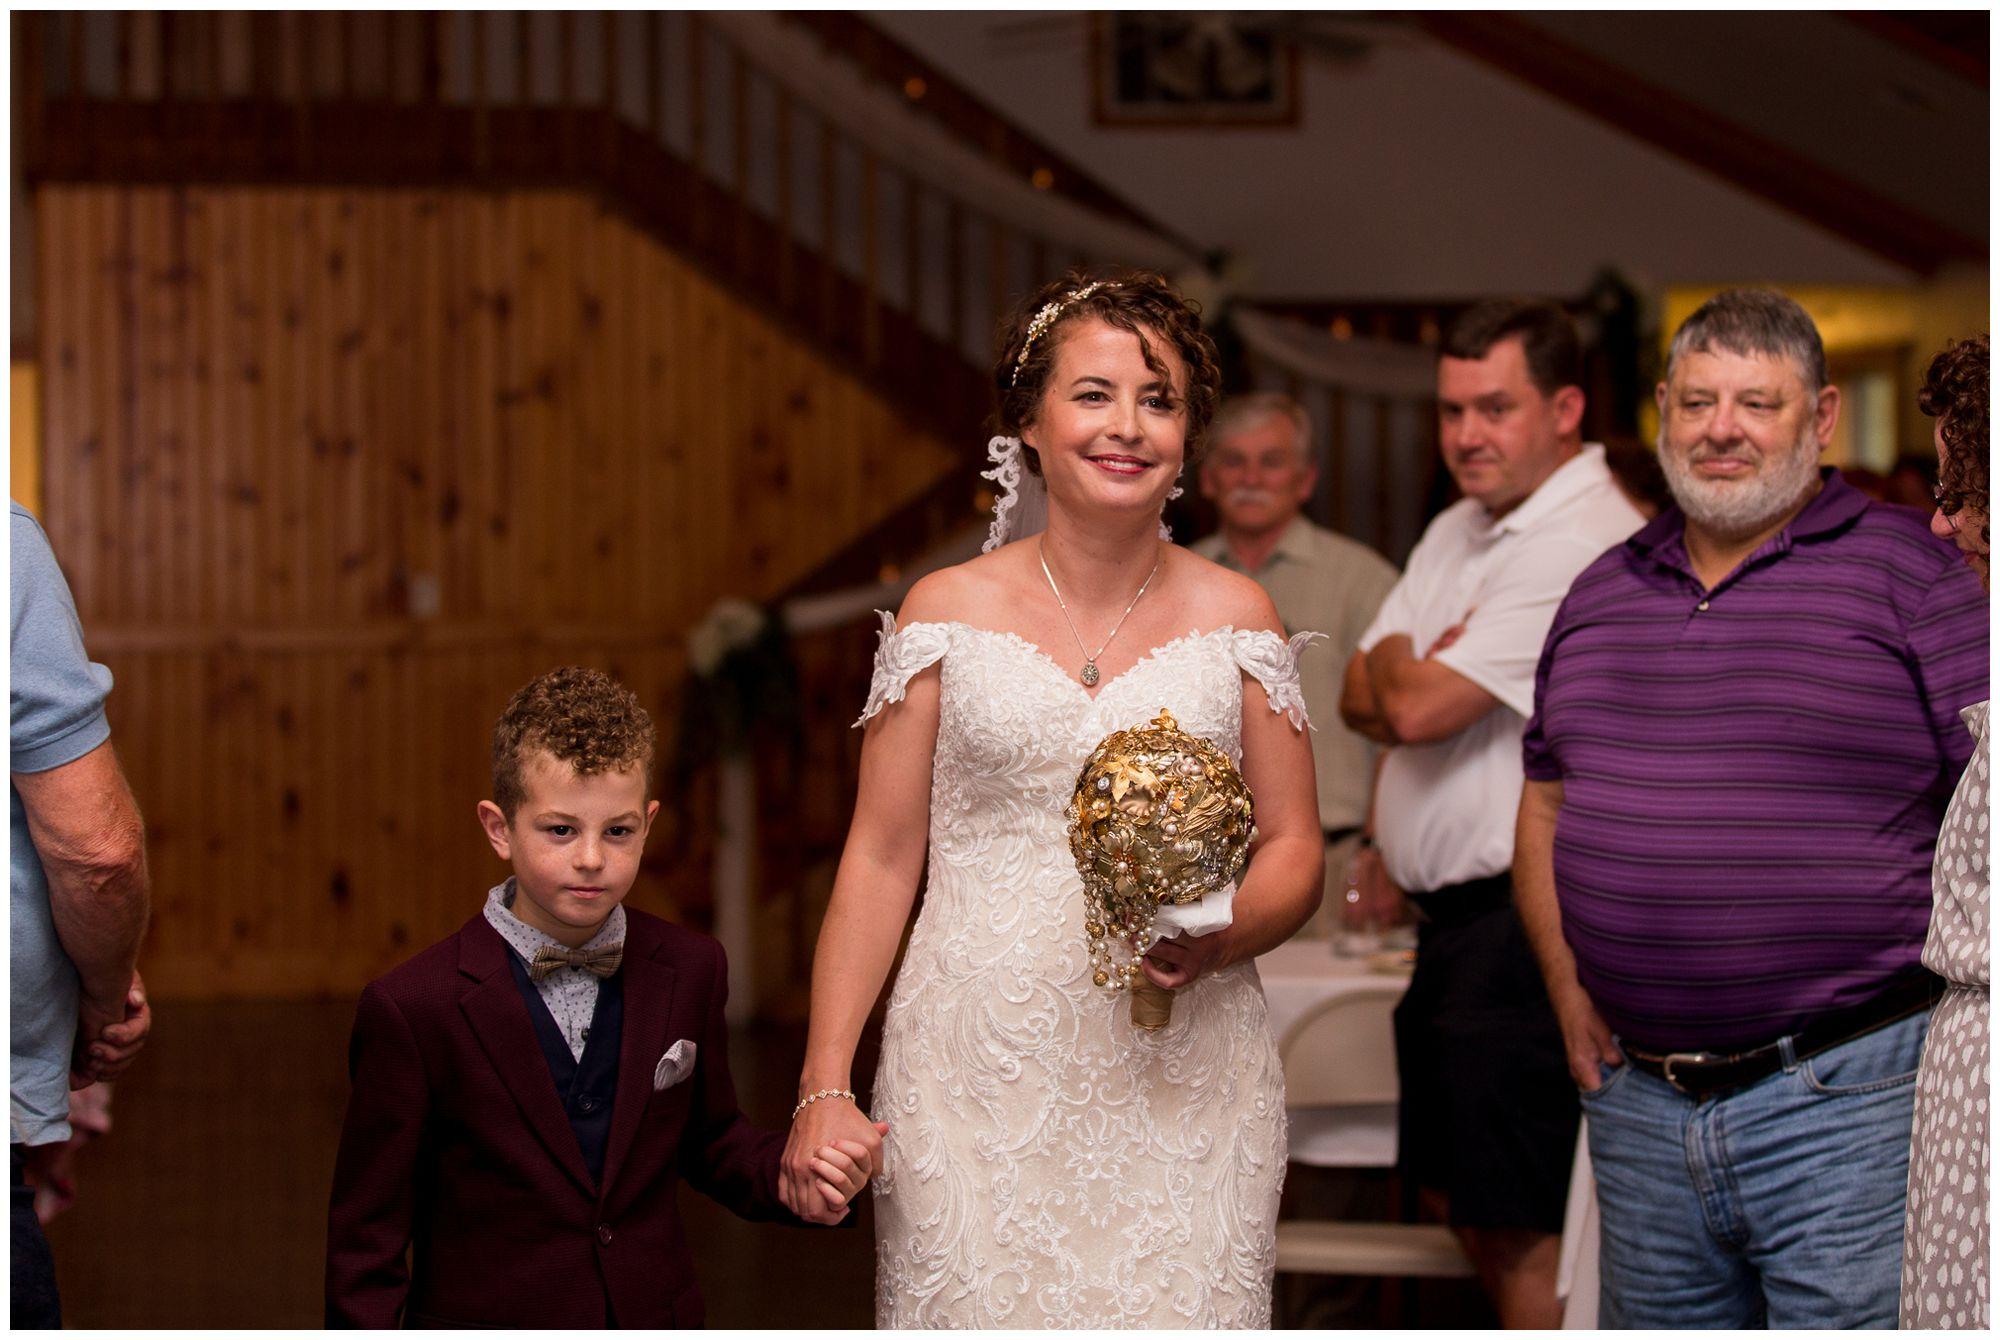 son walks bride down the aisle